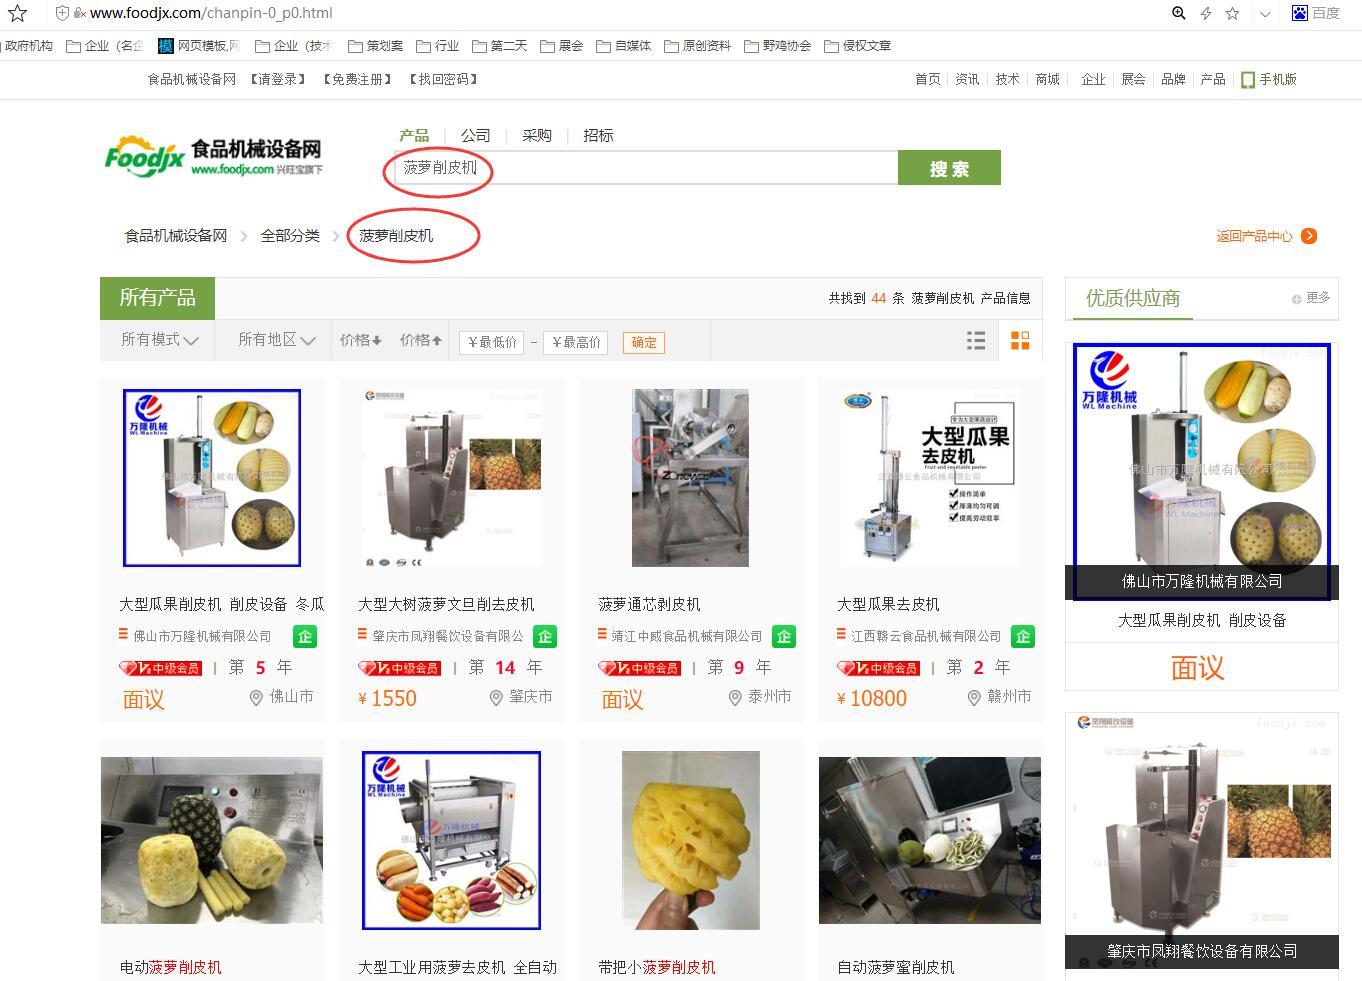 食品機械企業需抓住特殊時期網絡營銷機遇